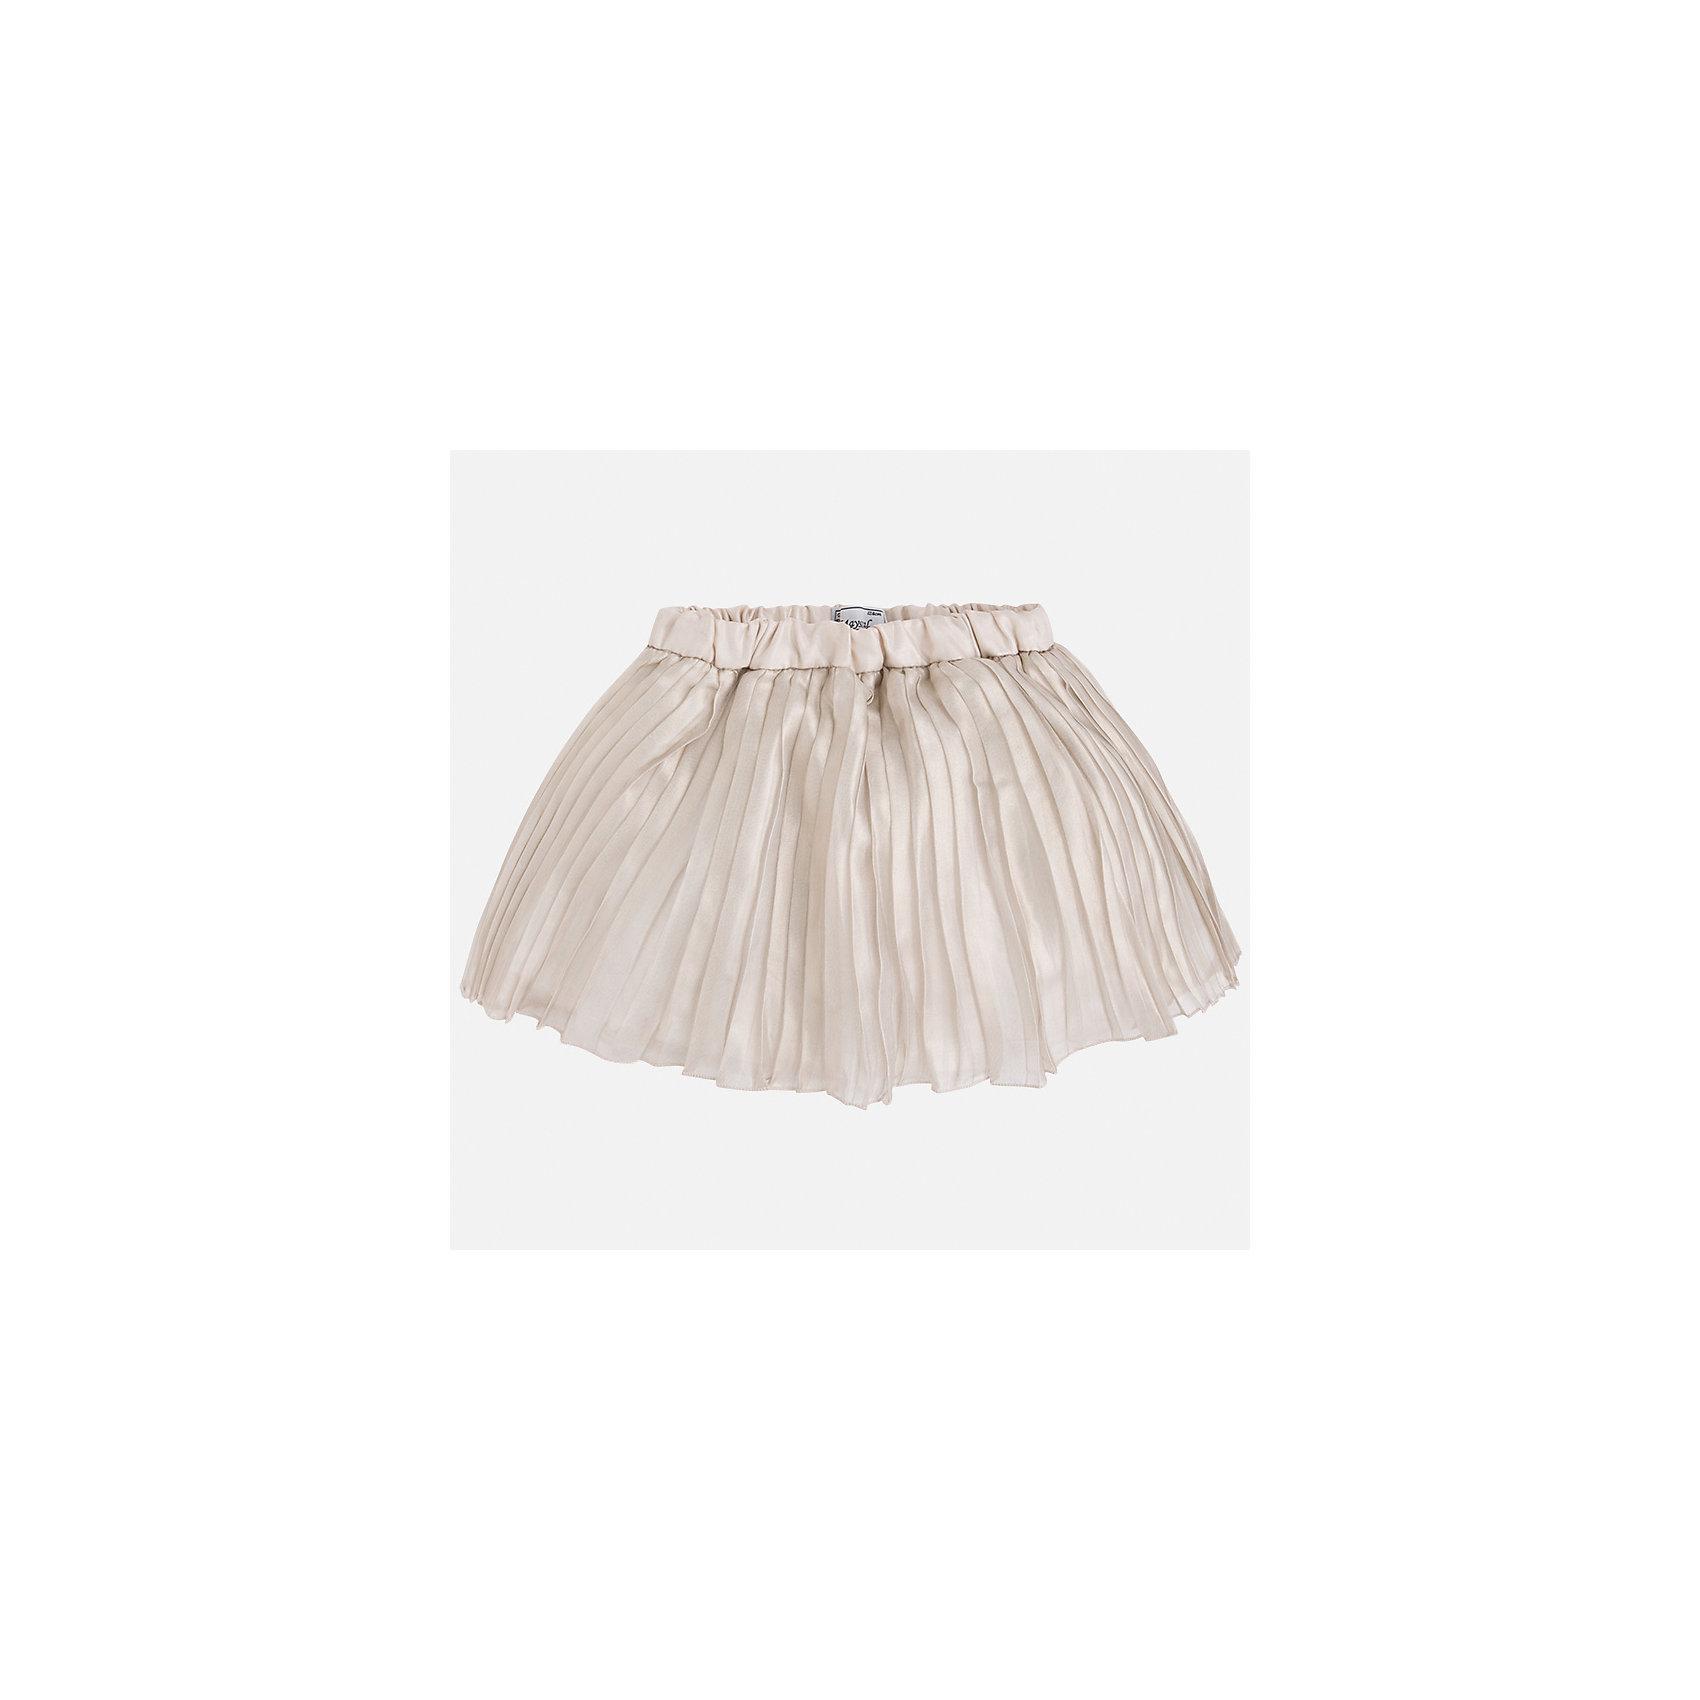 Юбка для девочки MayoralЮбки<br>Характеристики товара:<br><br>• цвет: бежевый<br>• состав: 100% полиэстер, подкладка - 65% полиэстер, 35% хлопок<br>• пояс на резинке<br>• легкий материал<br>• с подкладкой<br>• плиссированная<br>• страна бренда: Испания<br><br>Легкая юбка для девочки поможет разнообразить гардероб ребенка и создать эффектный наряд. Она отлично сочетаются с майками, футболками, блузками. Красивый оттенок позволяет подобрать к вещи верх разных расцветок. В составе материала подкладки - натуральный хлопок, гипоаллергенный, приятный на ощупь, дышащий. Юбка отлично сидит и не стесняет движения.<br><br>Одежда, обувь и аксессуары от испанского бренда Mayoral полюбились детям и взрослым по всему миру. Модели этой марки - стильные и удобные. Для их производства используются только безопасные, качественные материалы и фурнитура. Порадуйте ребенка модными и красивыми вещами от Mayoral! <br><br>Юбку для девочки от испанского бренда Mayoral (Майорал) можно купить в нашем интернет-магазине.<br><br>Ширина мм: 207<br>Глубина мм: 10<br>Высота мм: 189<br>Вес г: 183<br>Цвет: бежевый<br>Возраст от месяцев: 96<br>Возраст до месяцев: 108<br>Пол: Женский<br>Возраст: Детский<br>Размер: 134,116,122,128,98,104,110<br>SKU: 5290904